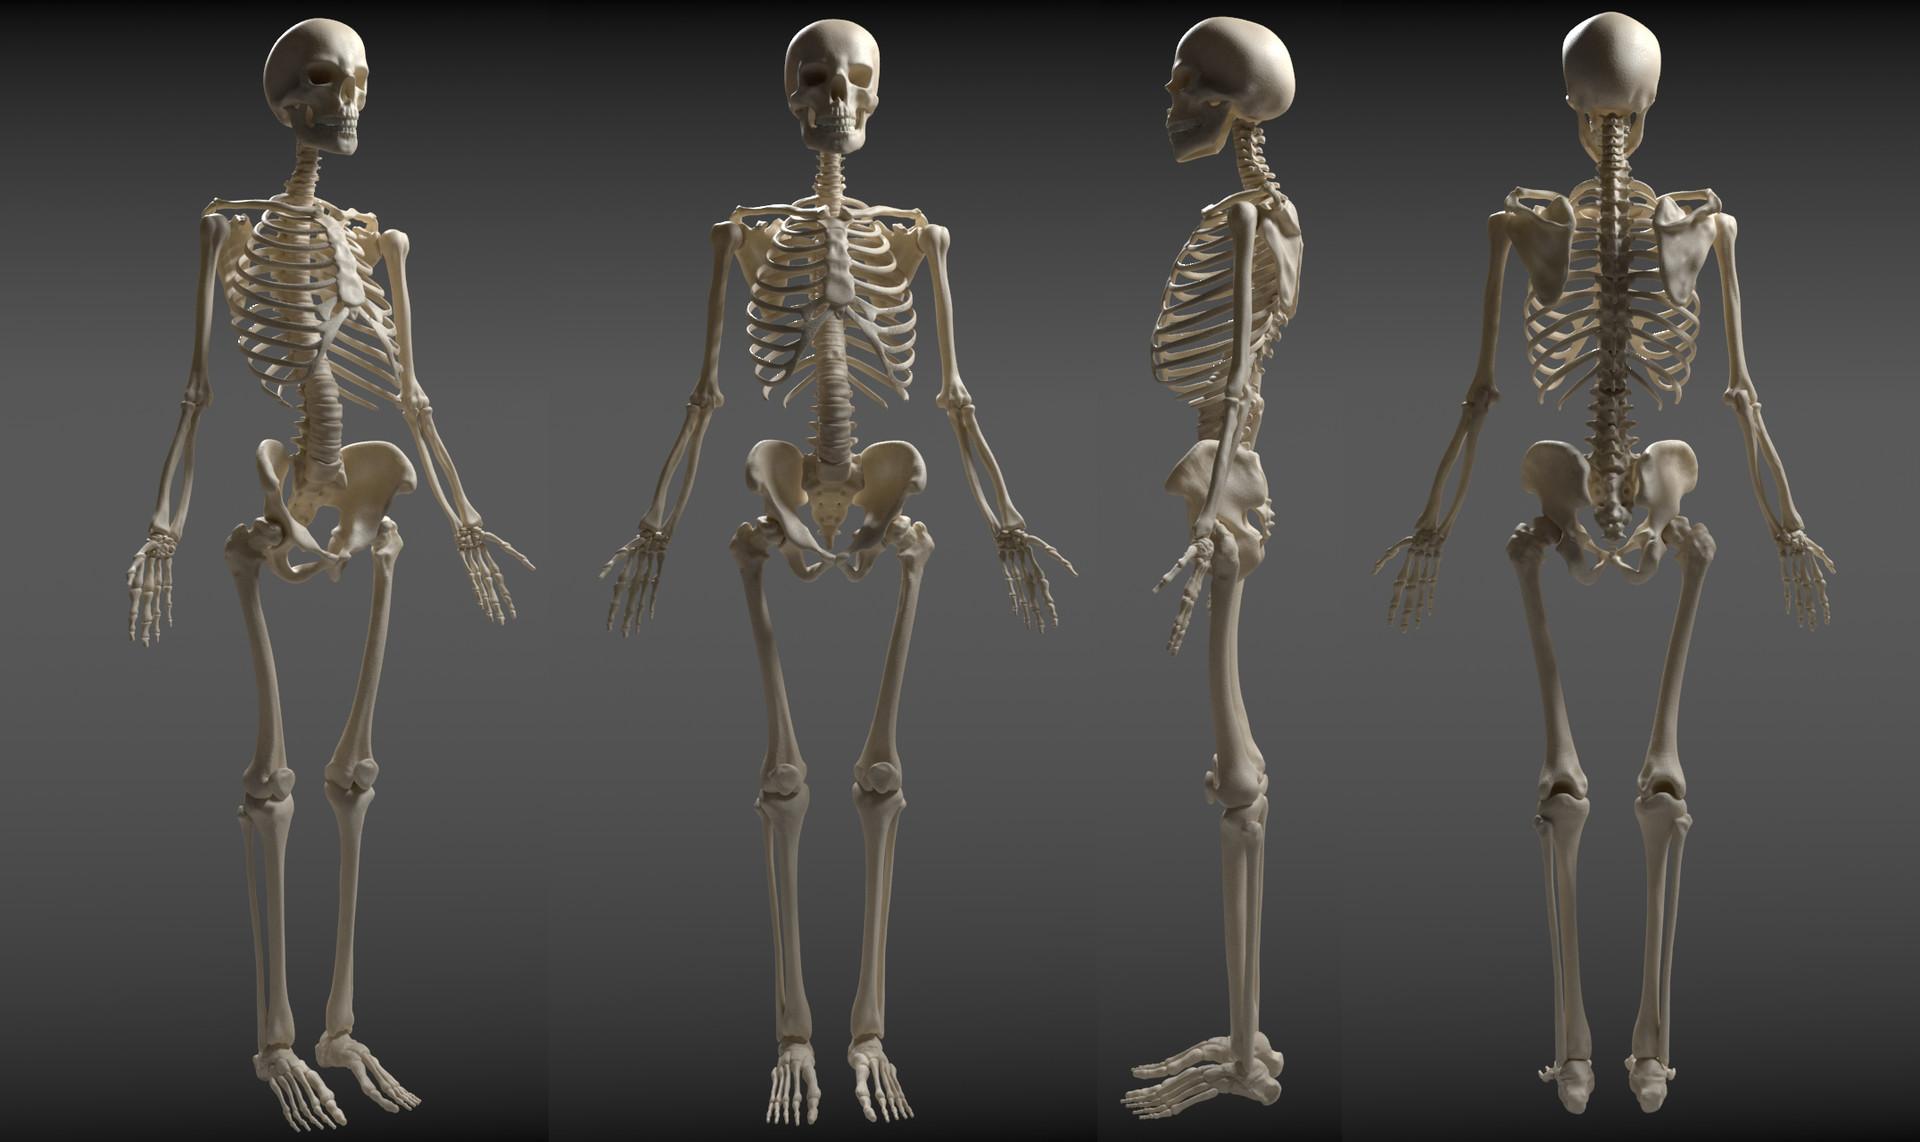 ArtStation - Skeleton Study, Annselie Aberg